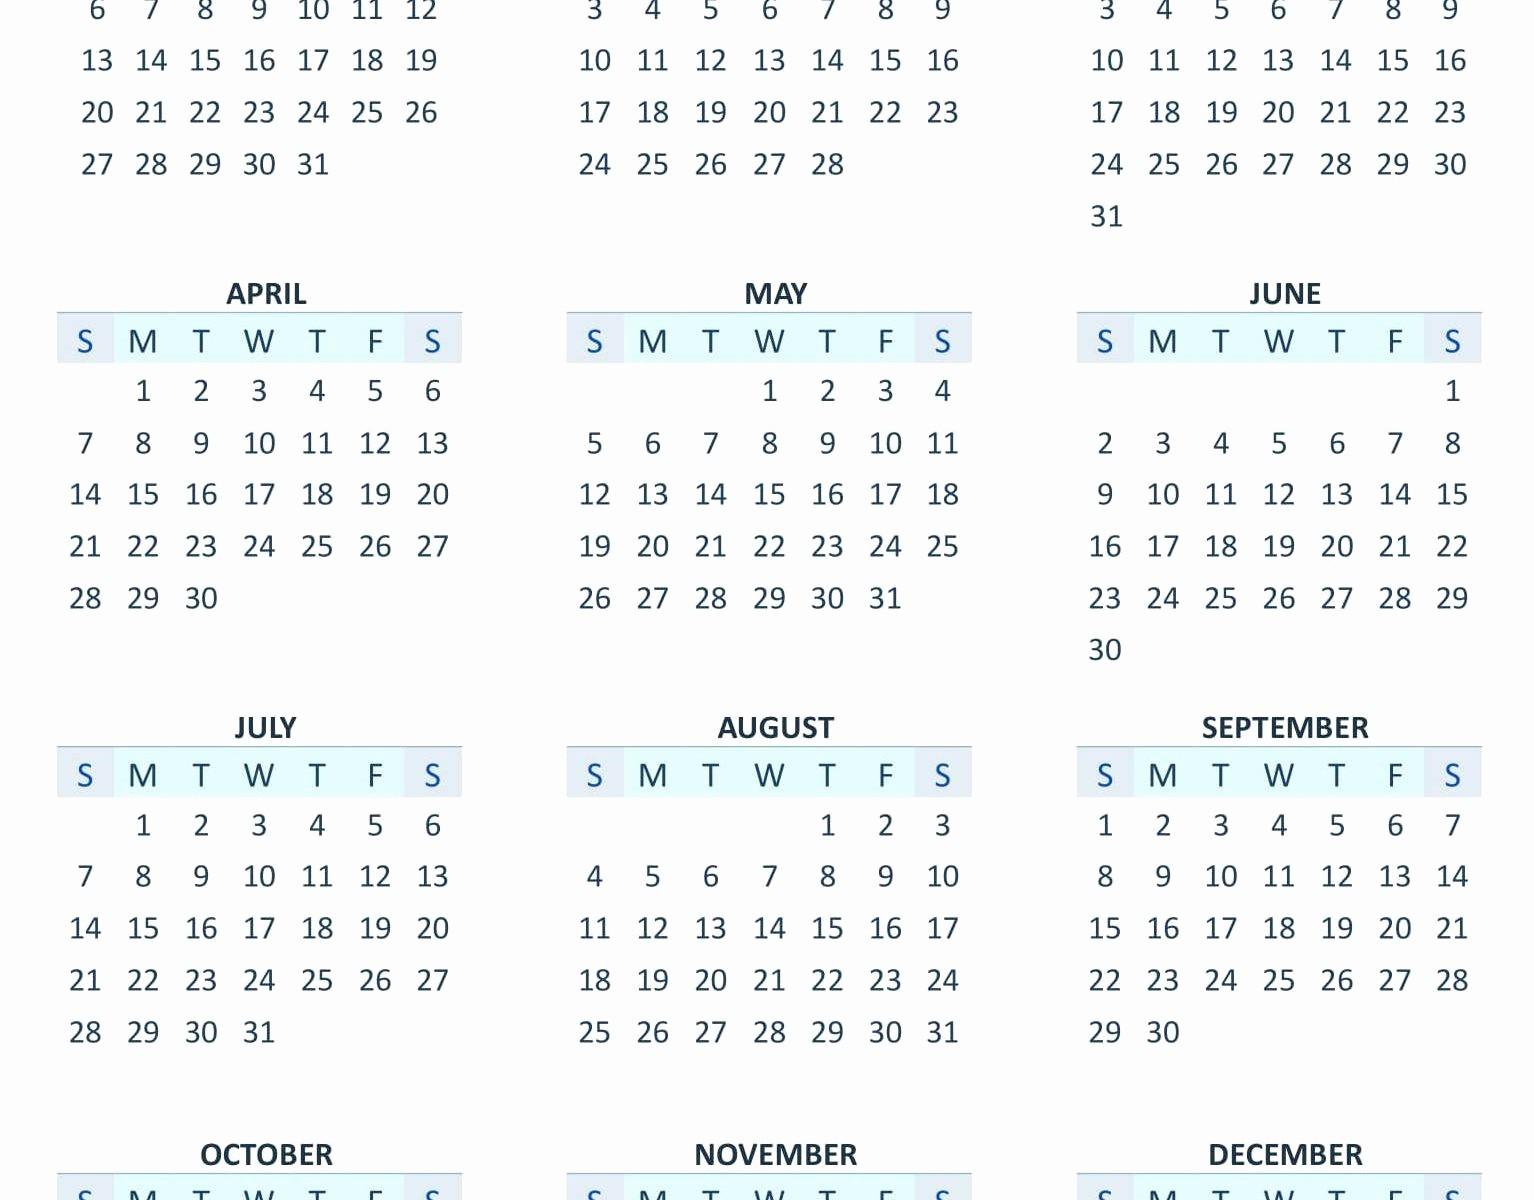 12 Month Calendar Template Word Inspirational Yearly 12 Month Calendar 2019 Template